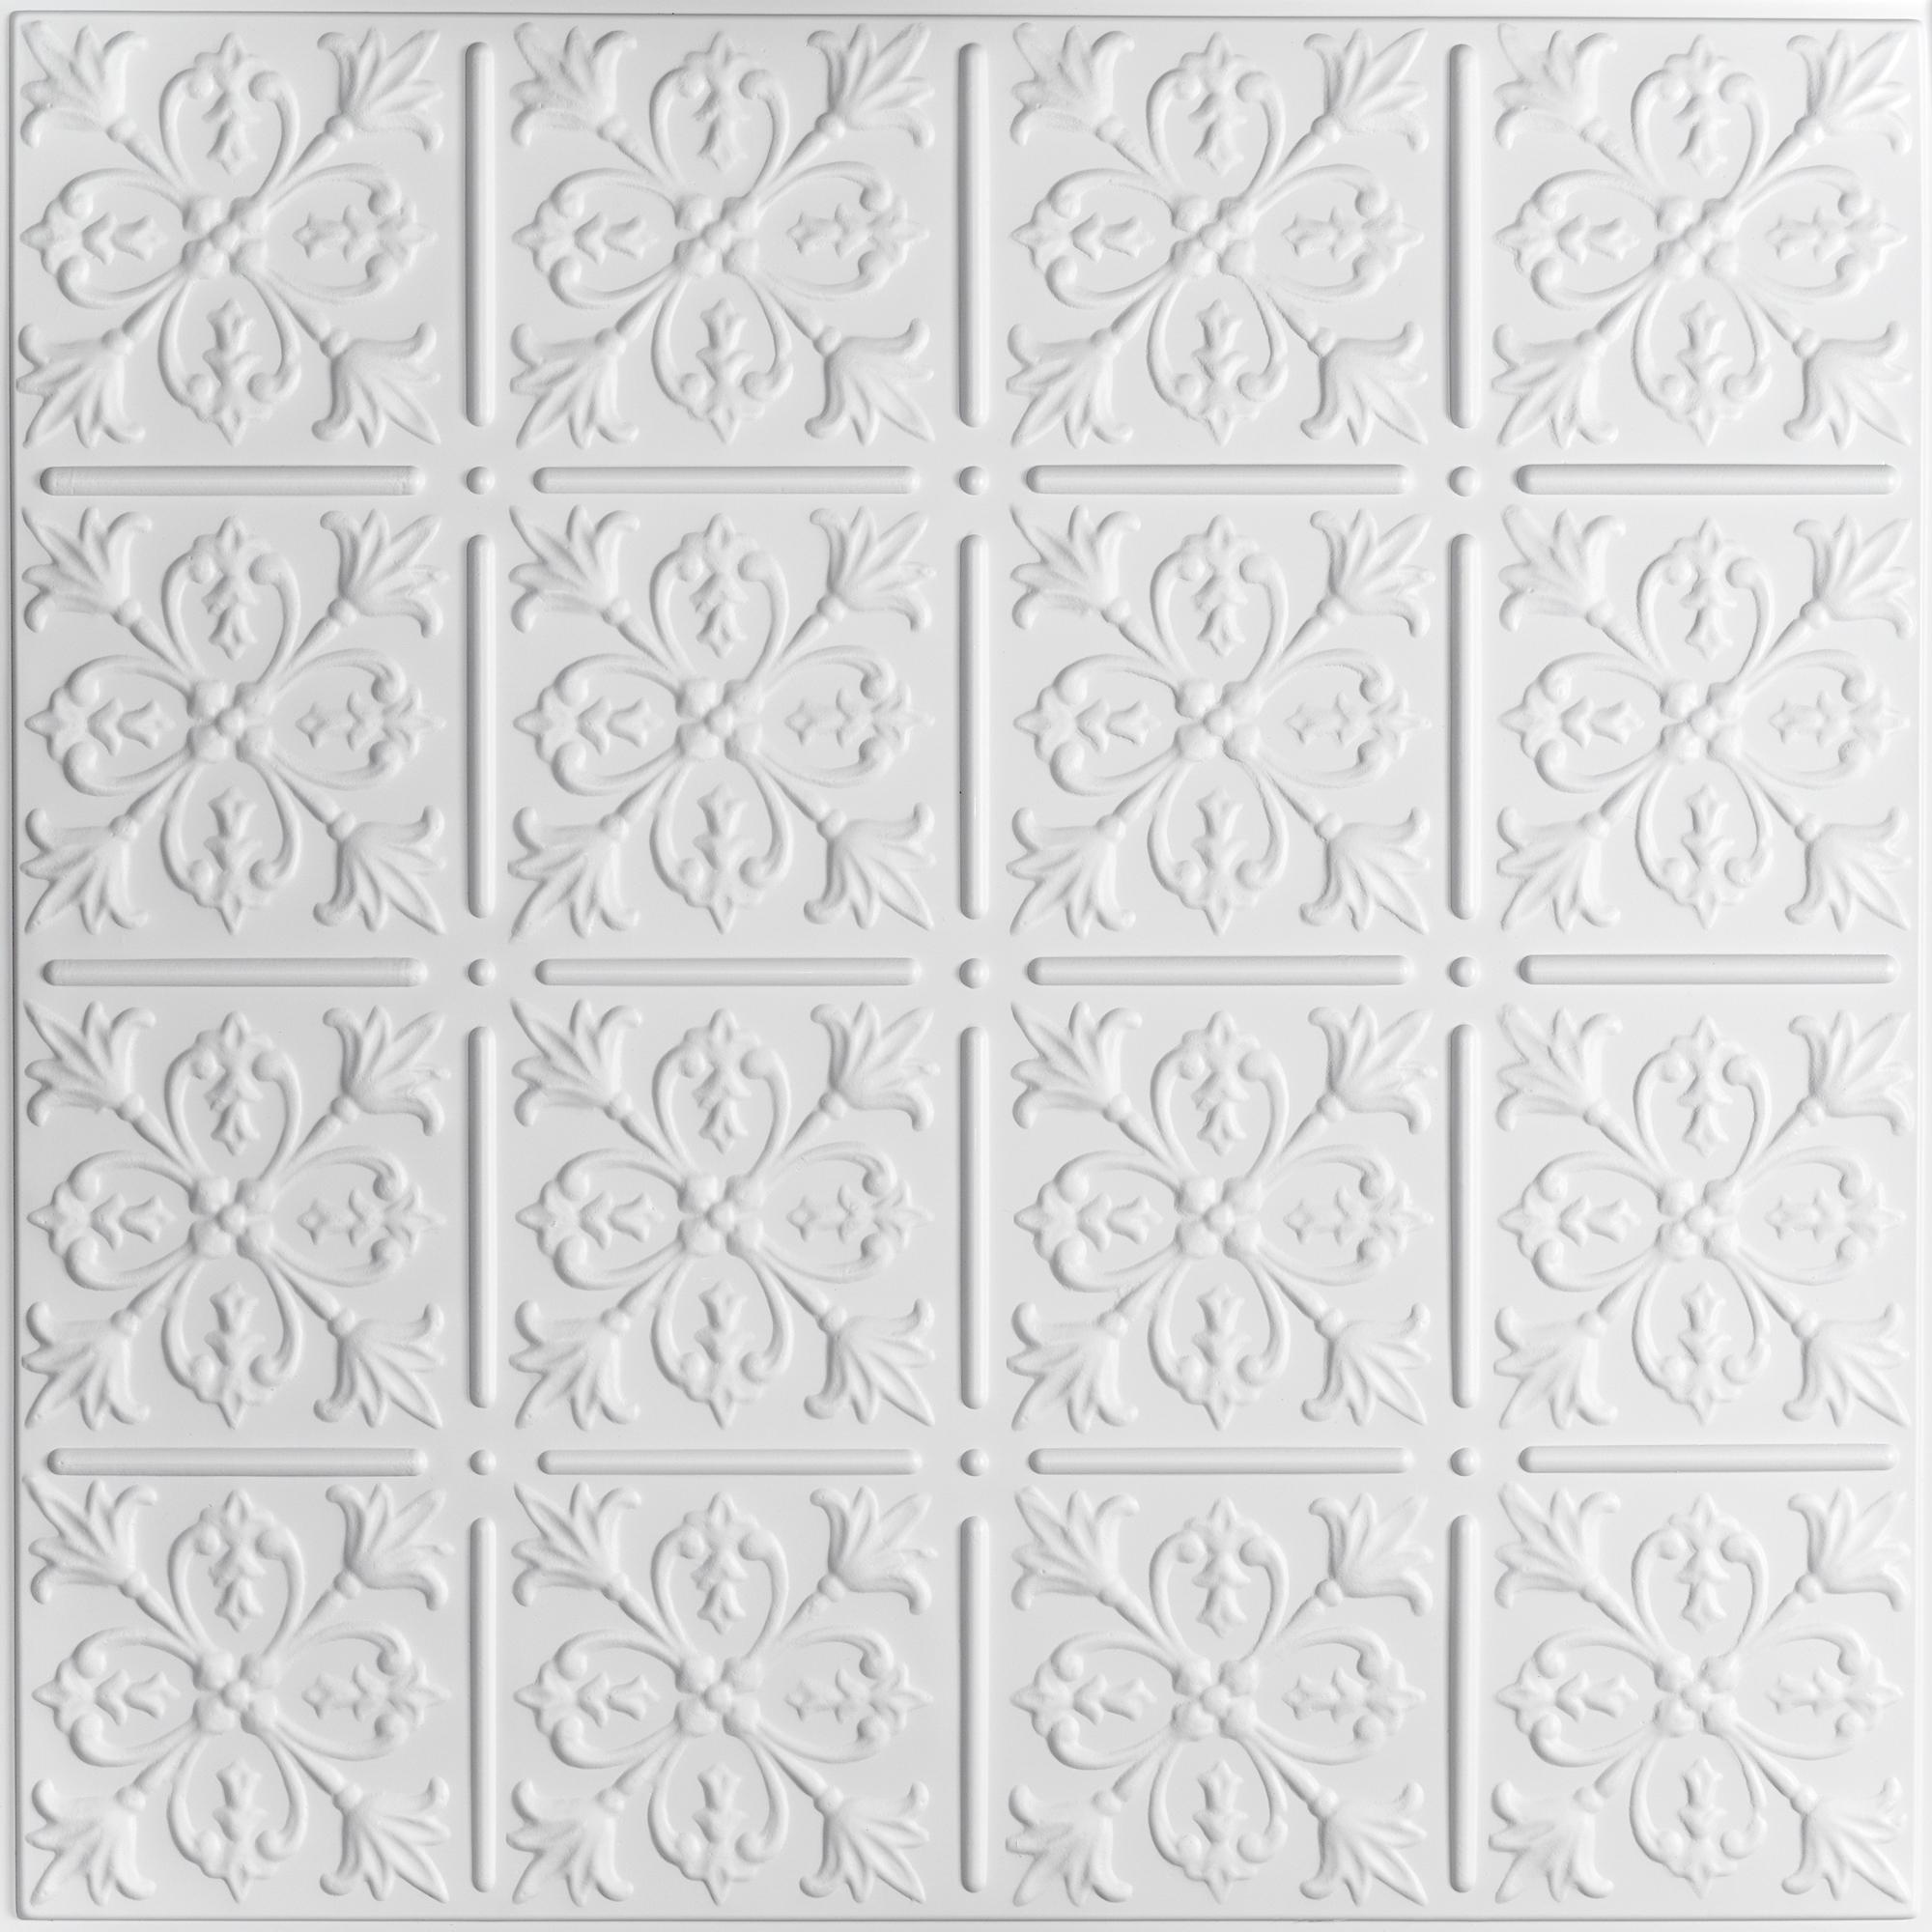 fleur de lis ceiling tiles - White Ceiling Tiles